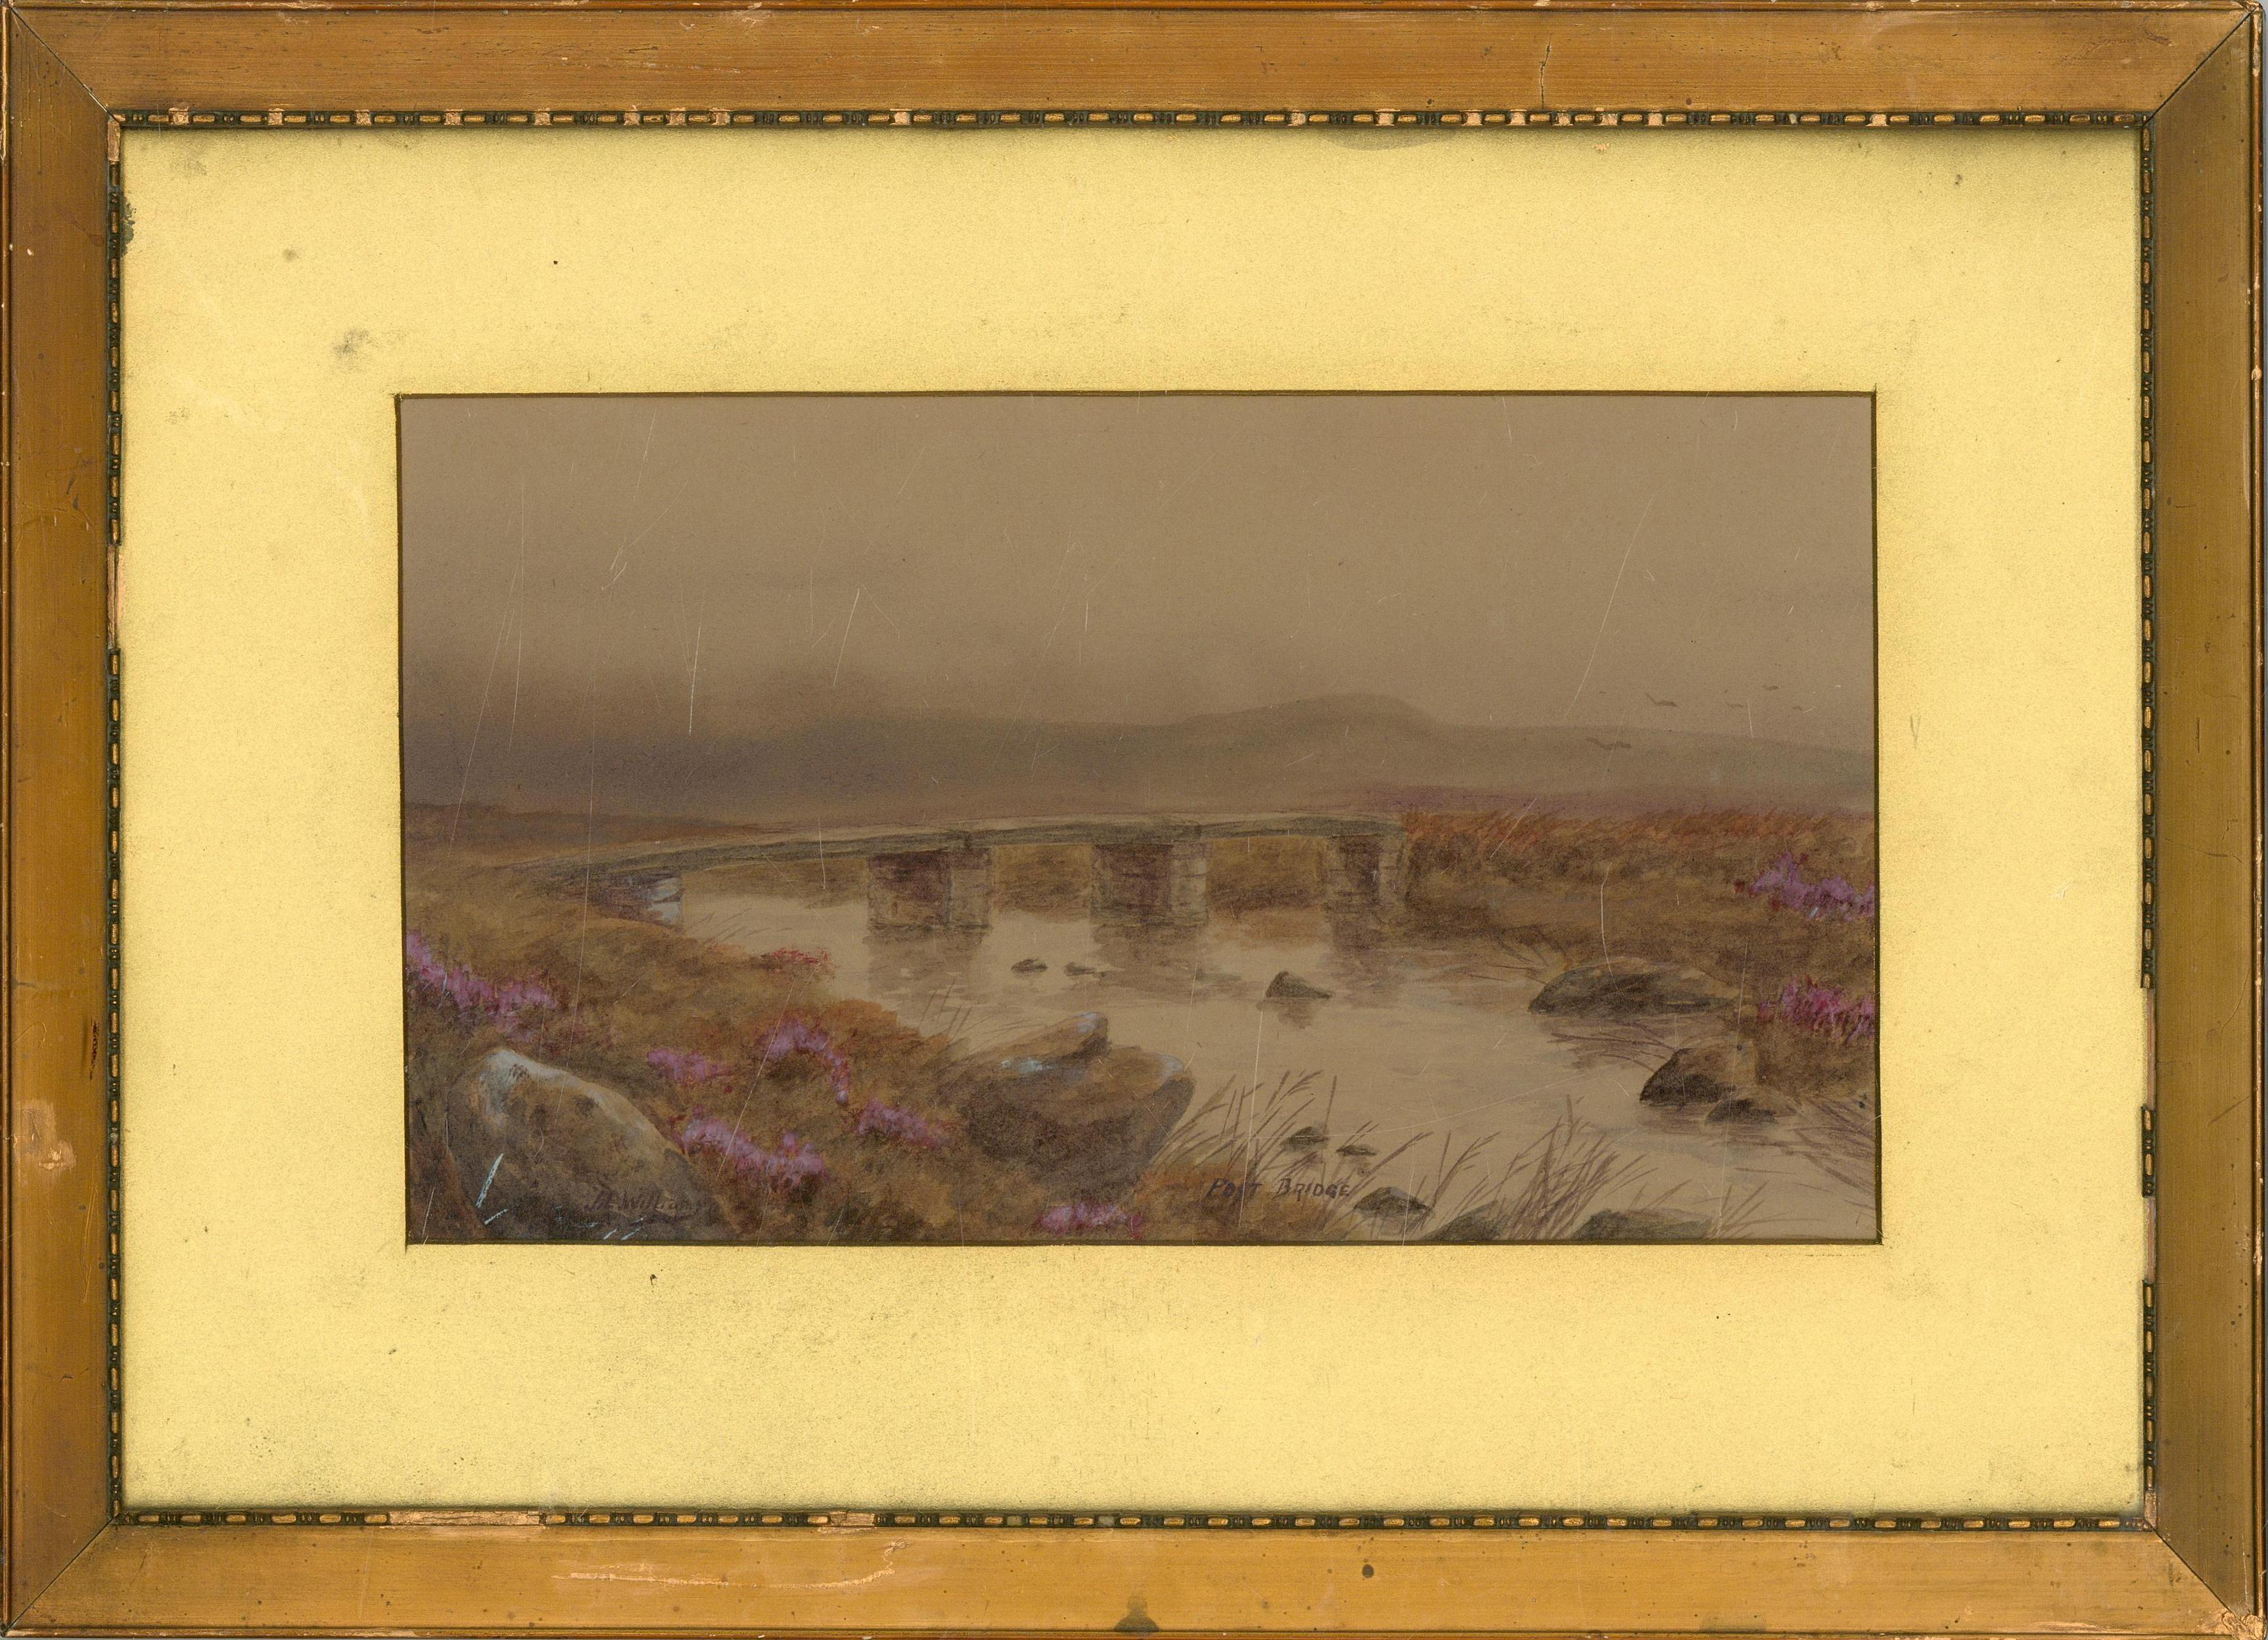 J.L. Williams - Late 19th Century Watercolour, Post Bridge